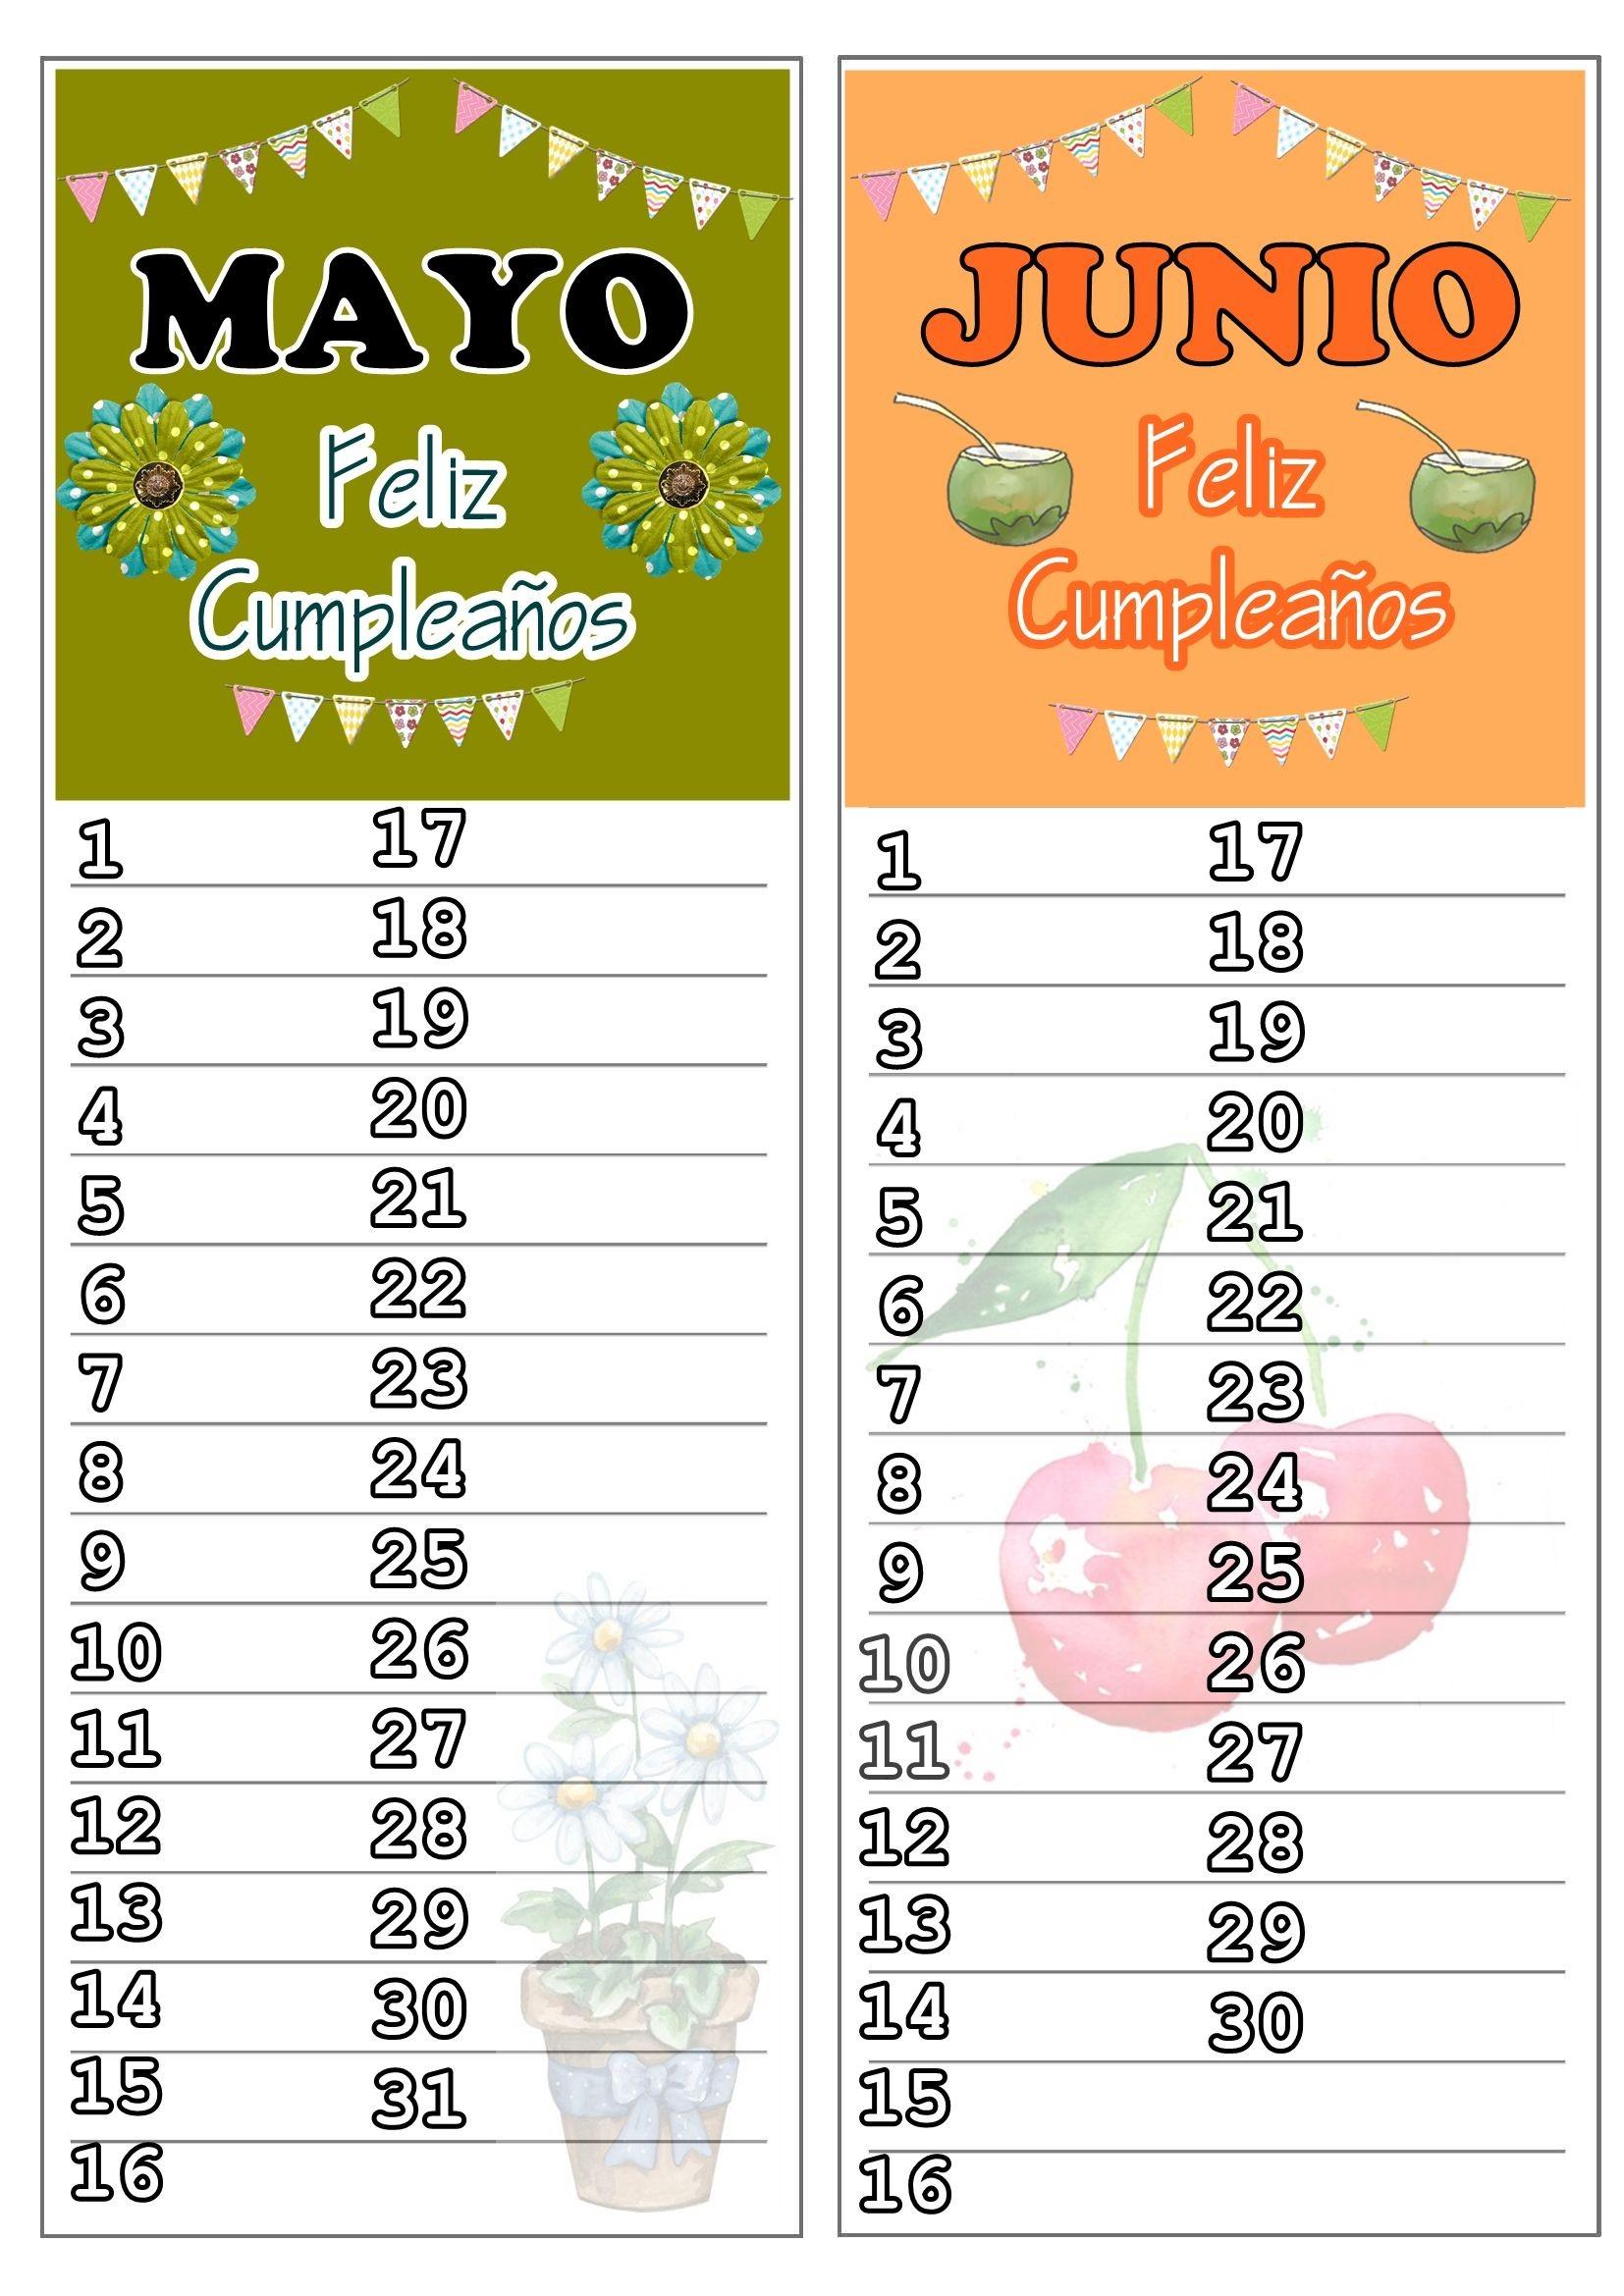 Calendario Para Imprimir De Abril Más Caliente Mayo Junio 2015 Feliz Cumplea±os Happy Birthday Of Calendario Para Imprimir De Abril Más Recientes Texto Consolidado R3821 — Es — 01 10 2012